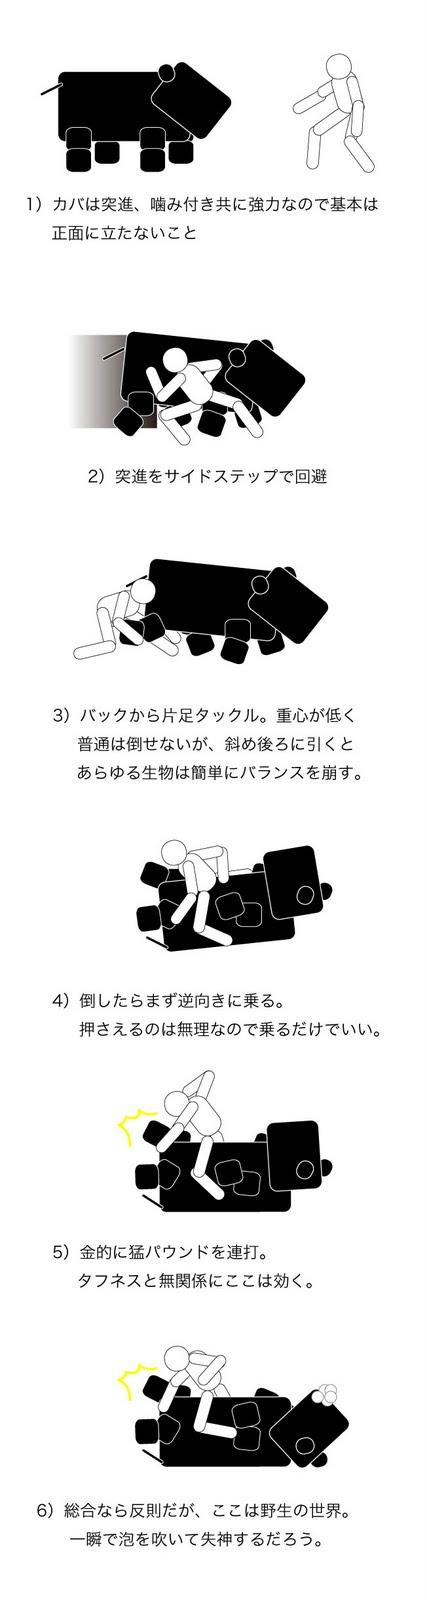 カバとの戦闘方法